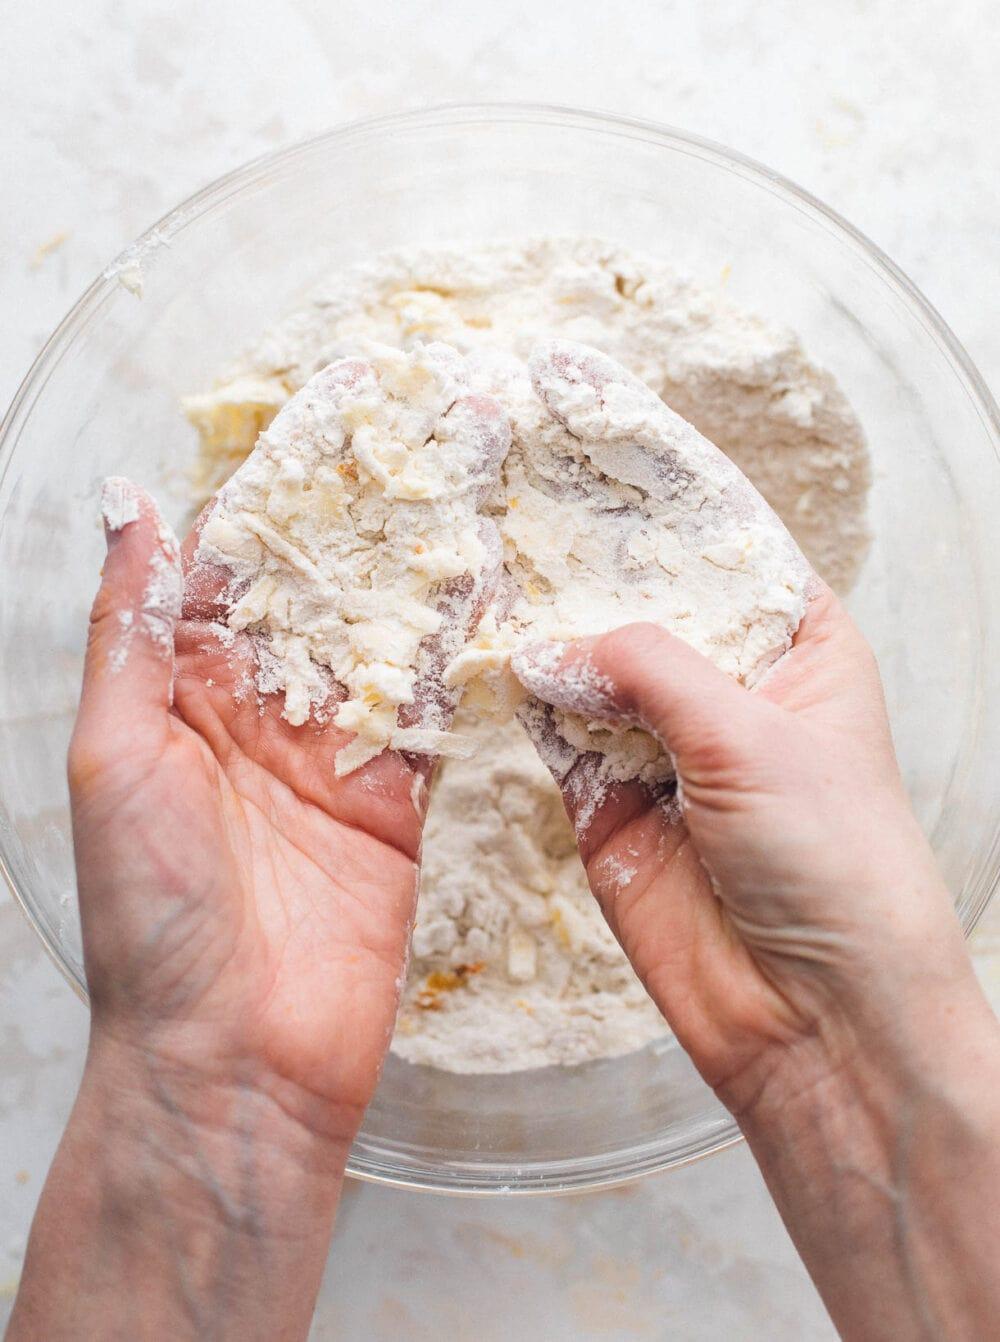 rubbing flour in between hands